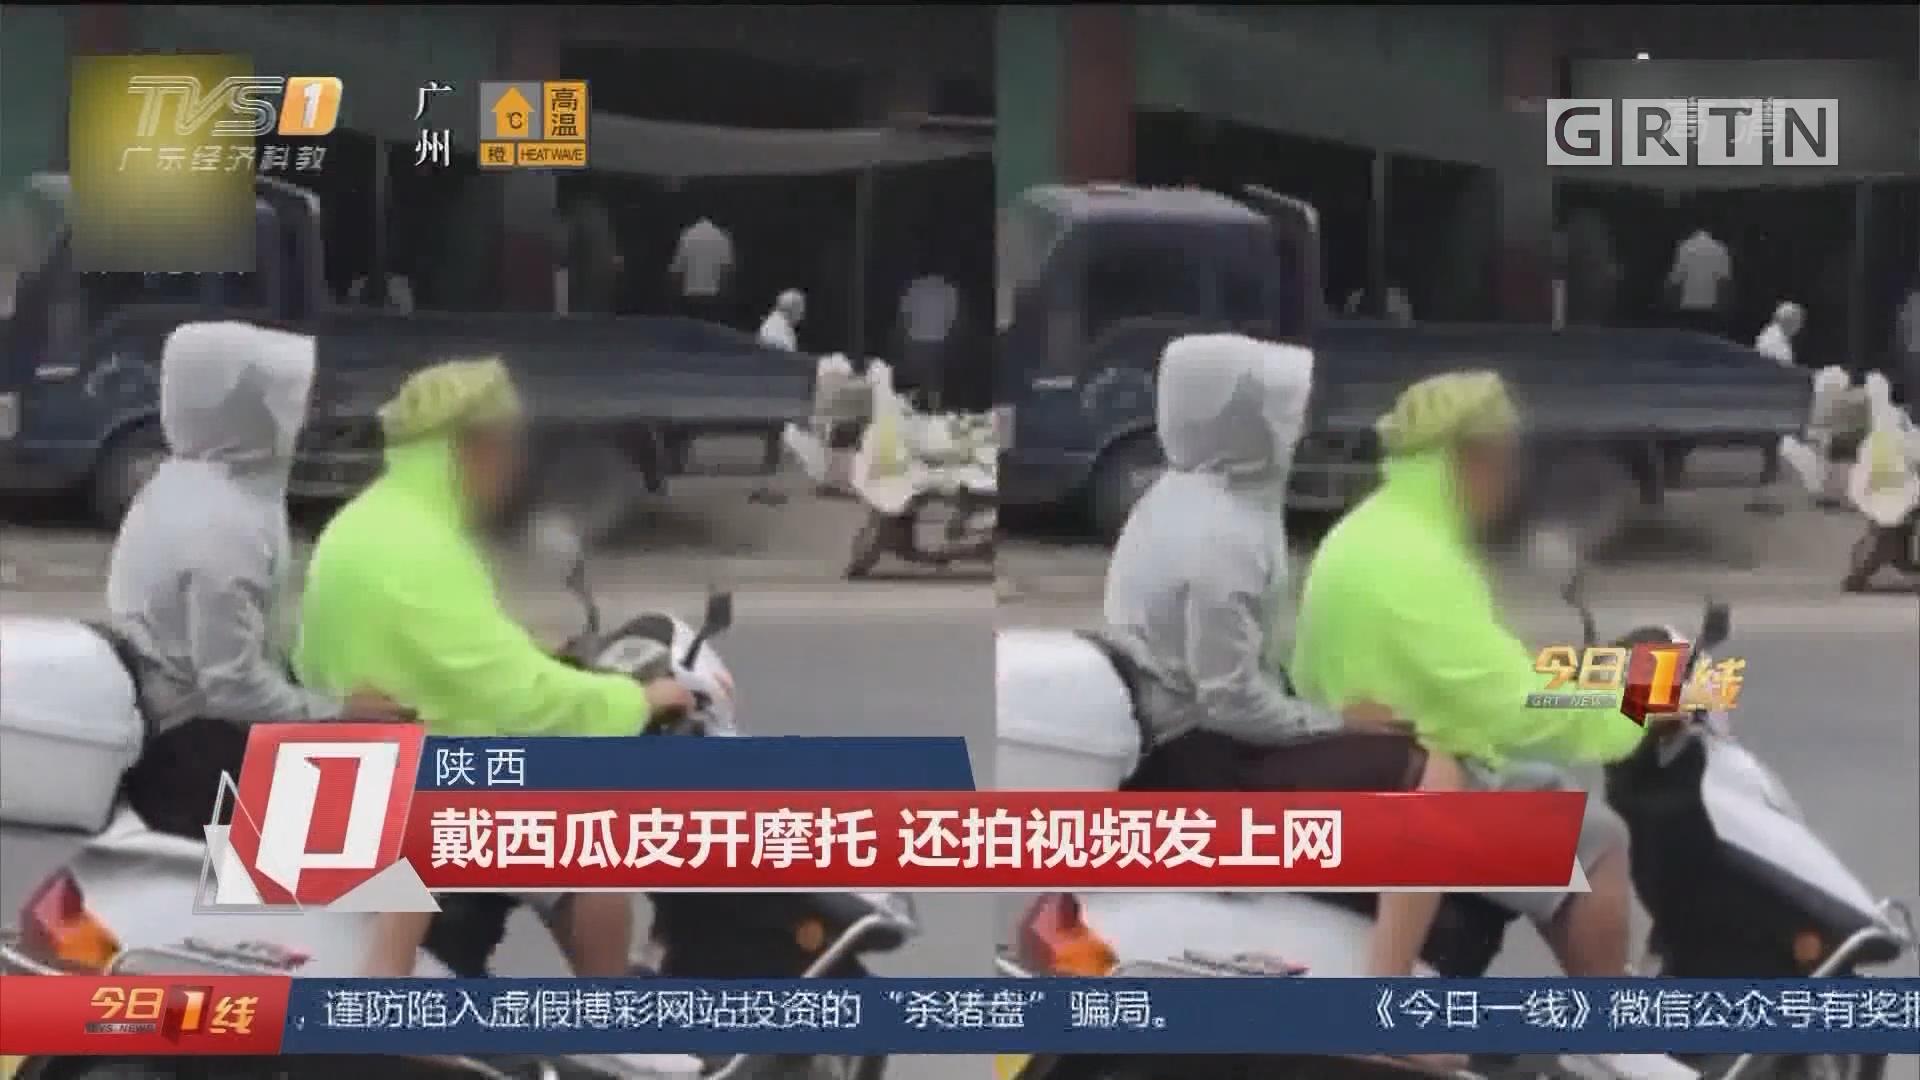 陕西:戴西瓜皮开摩托 还拍视频发上网